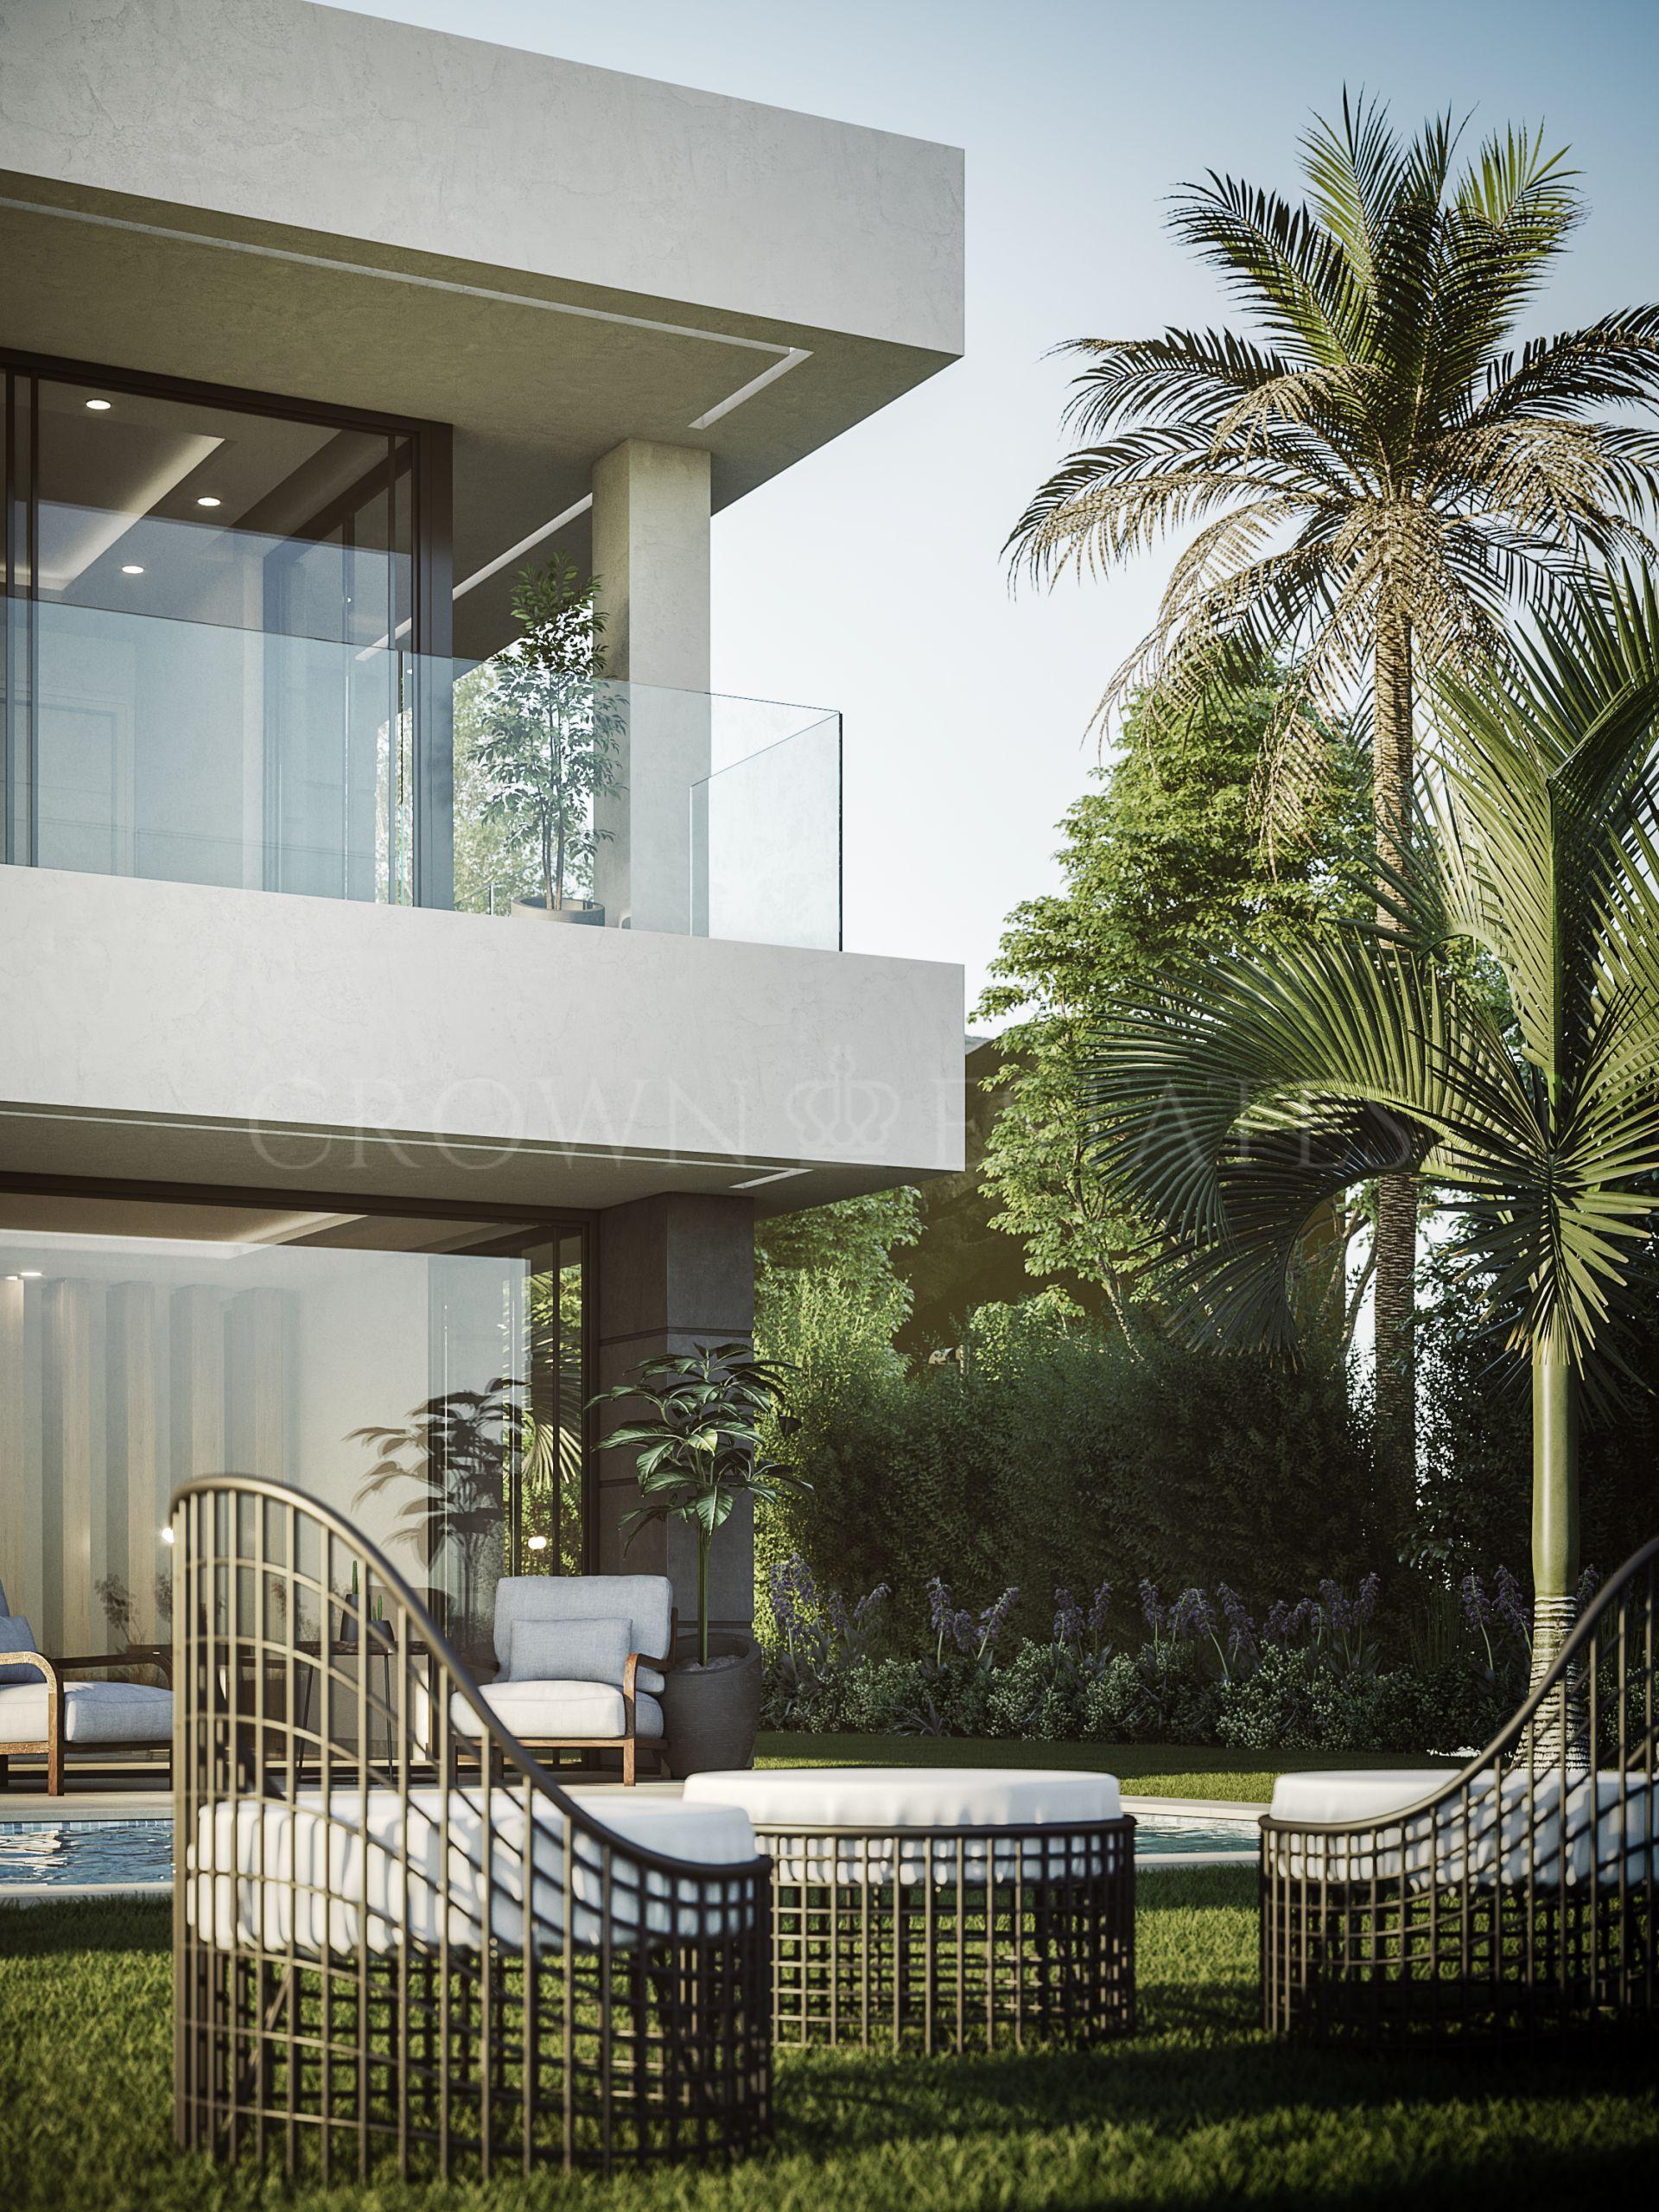 Aquamarina, fresh design villas with amazing panoramic seaviews in Manilva